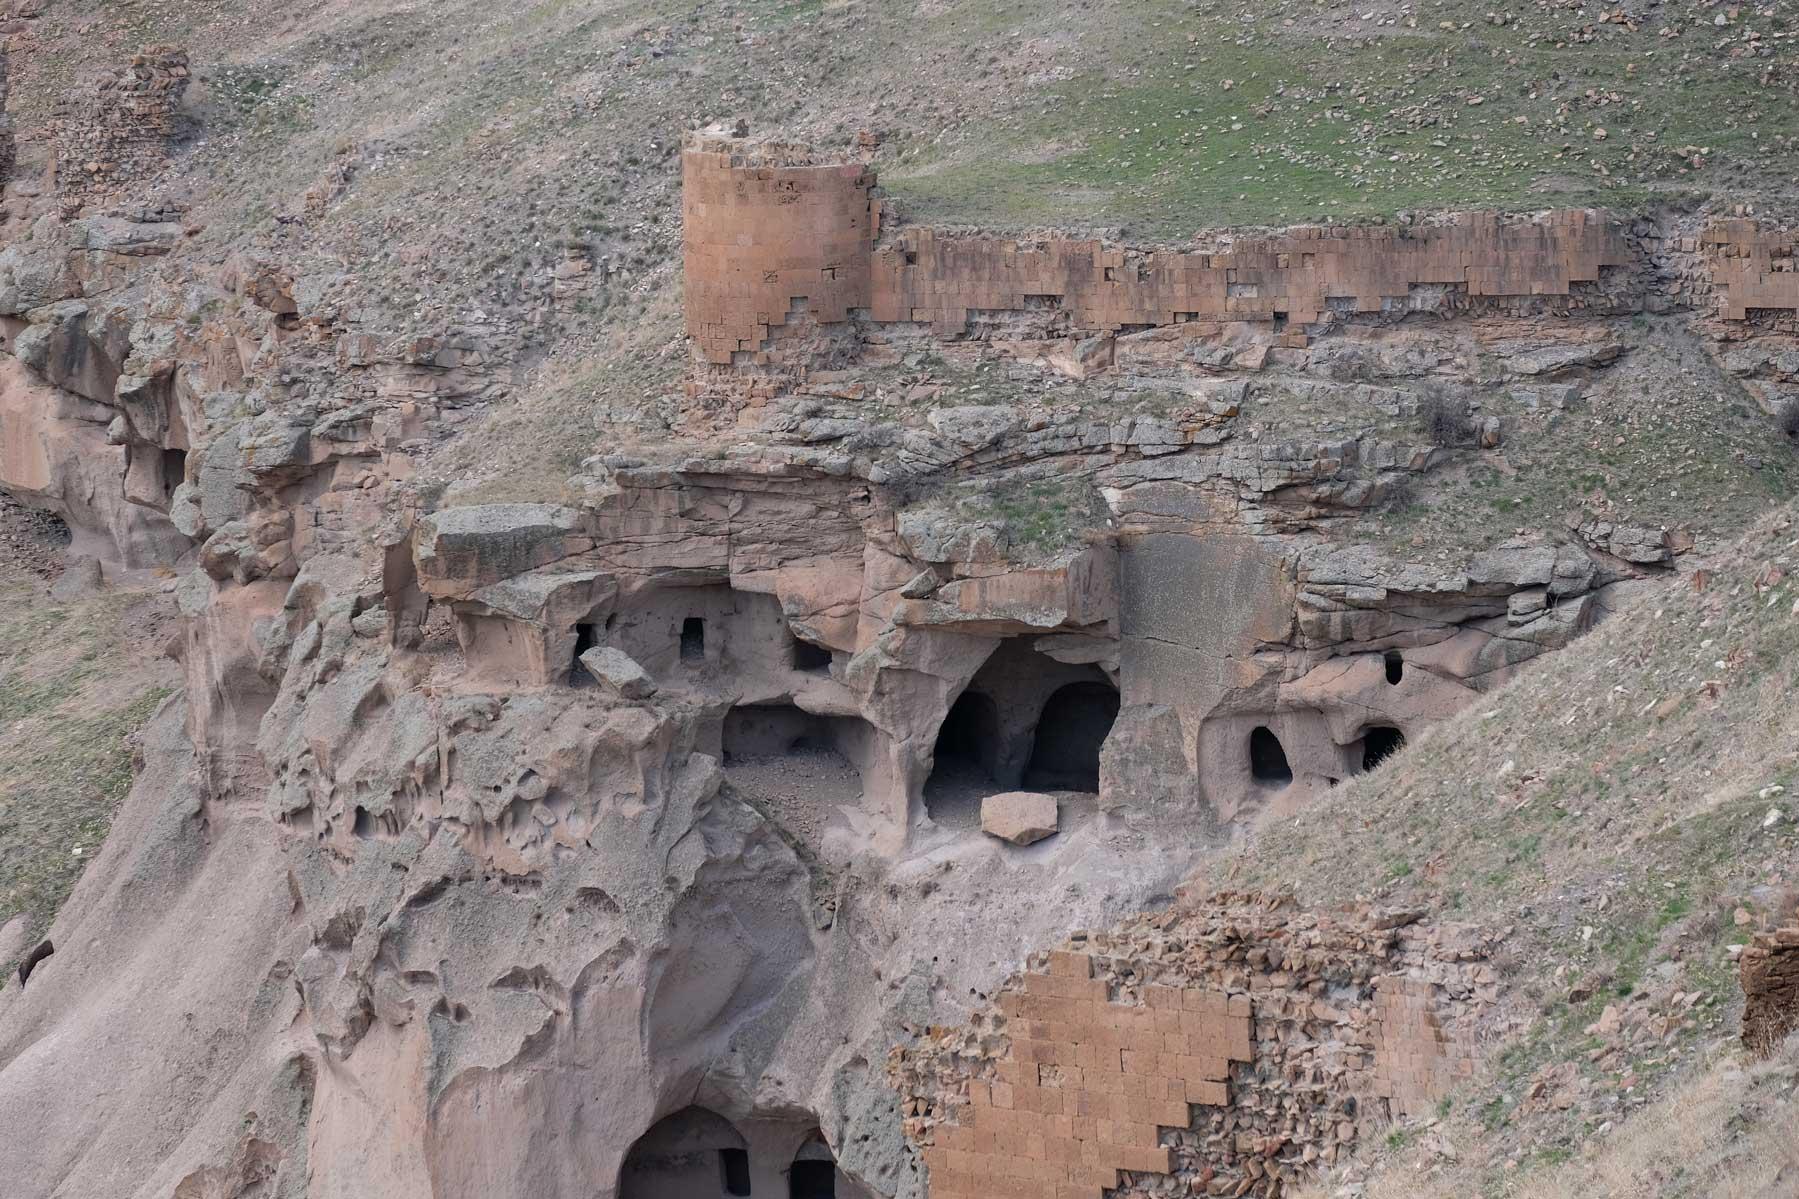 Blick auf ehemals bewohnte Höhlen